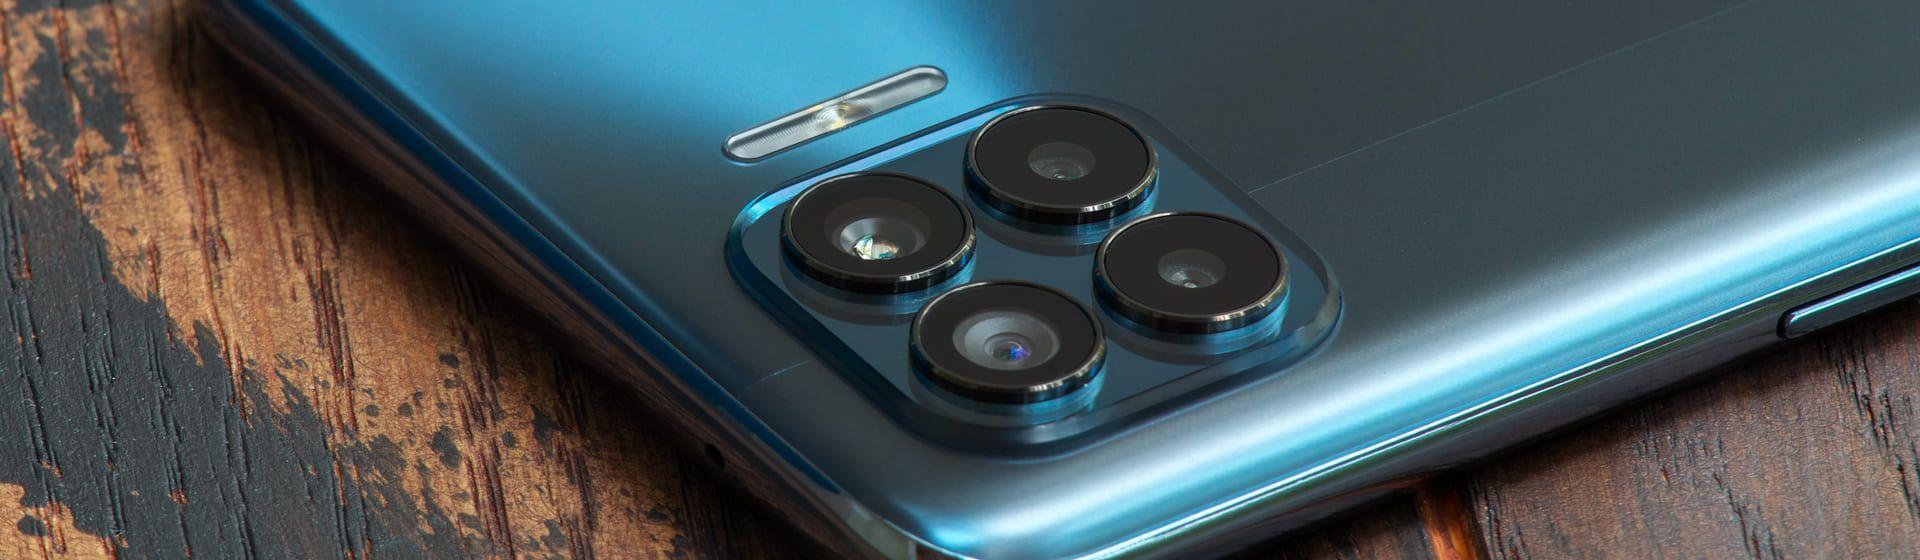 Celular de 4 câmeras: confira a lista de opções para comprar